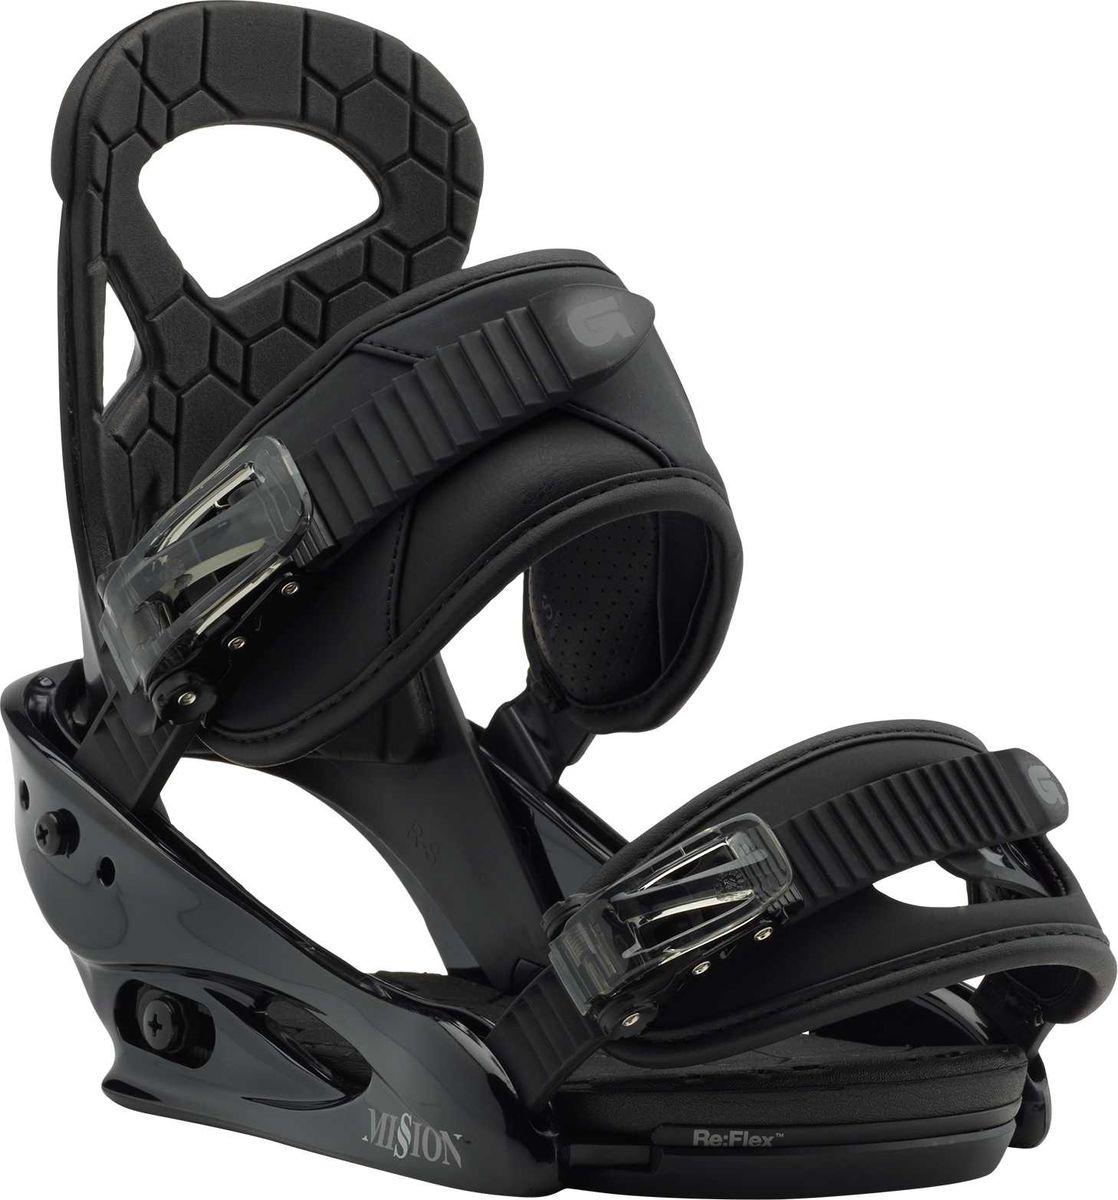 Крепление для сноуборда Burton Mission Smalls Black, цвет: черный. Размер S крепления burton escapade